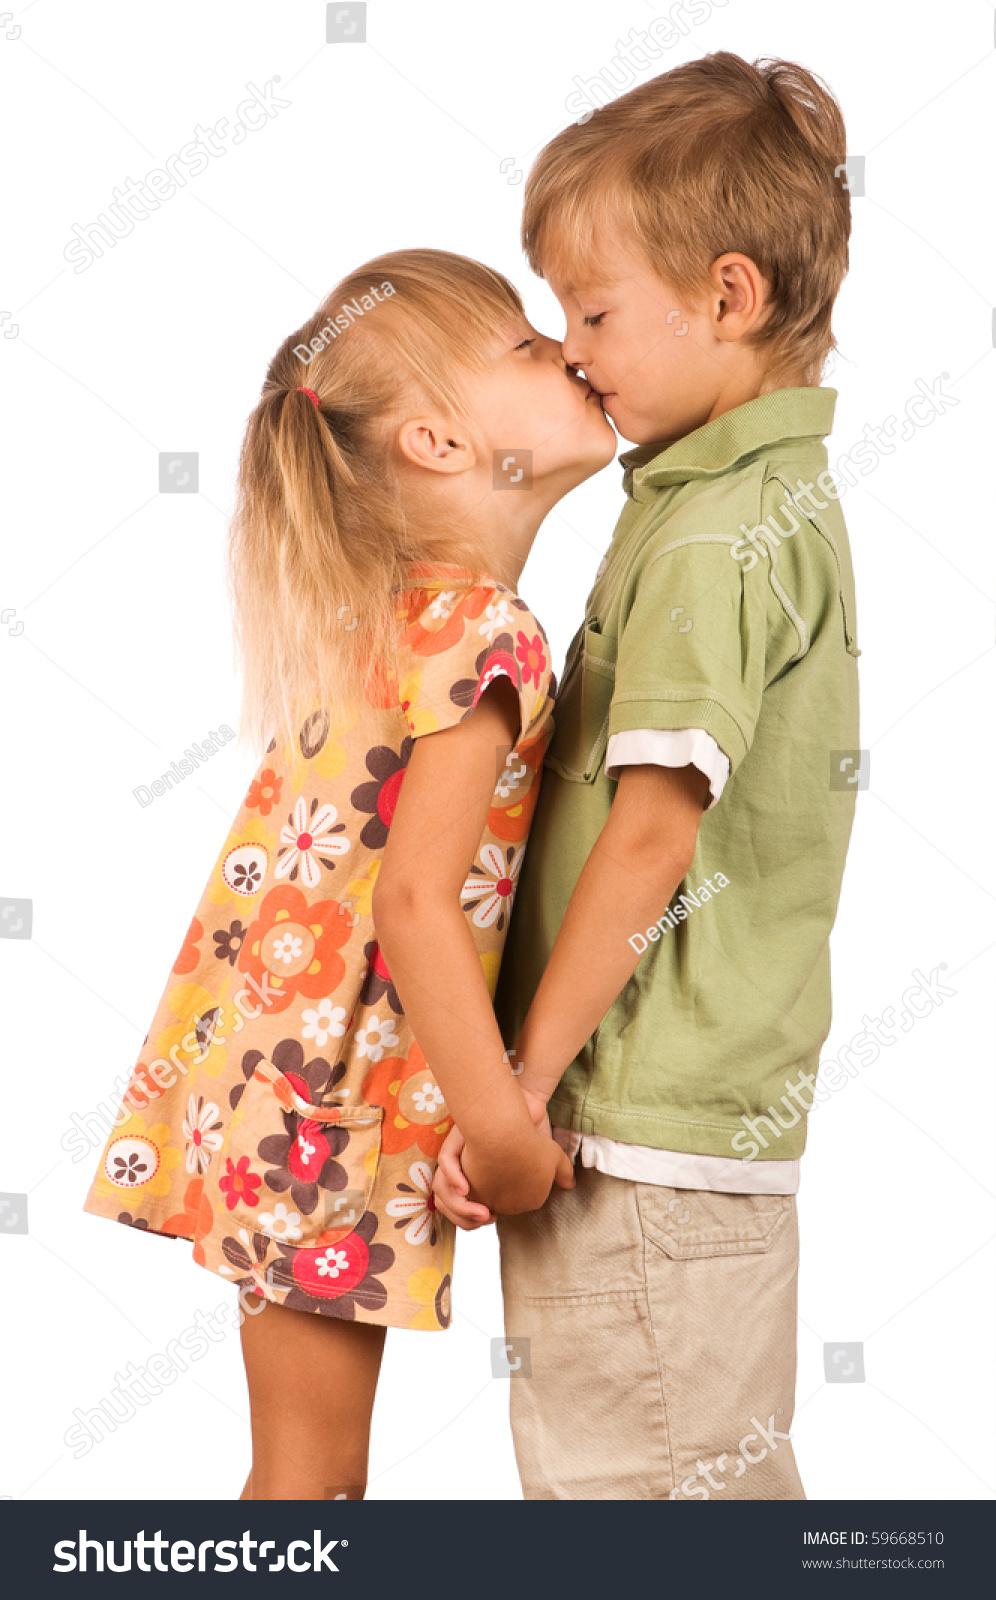 Kissing Girl And Girl